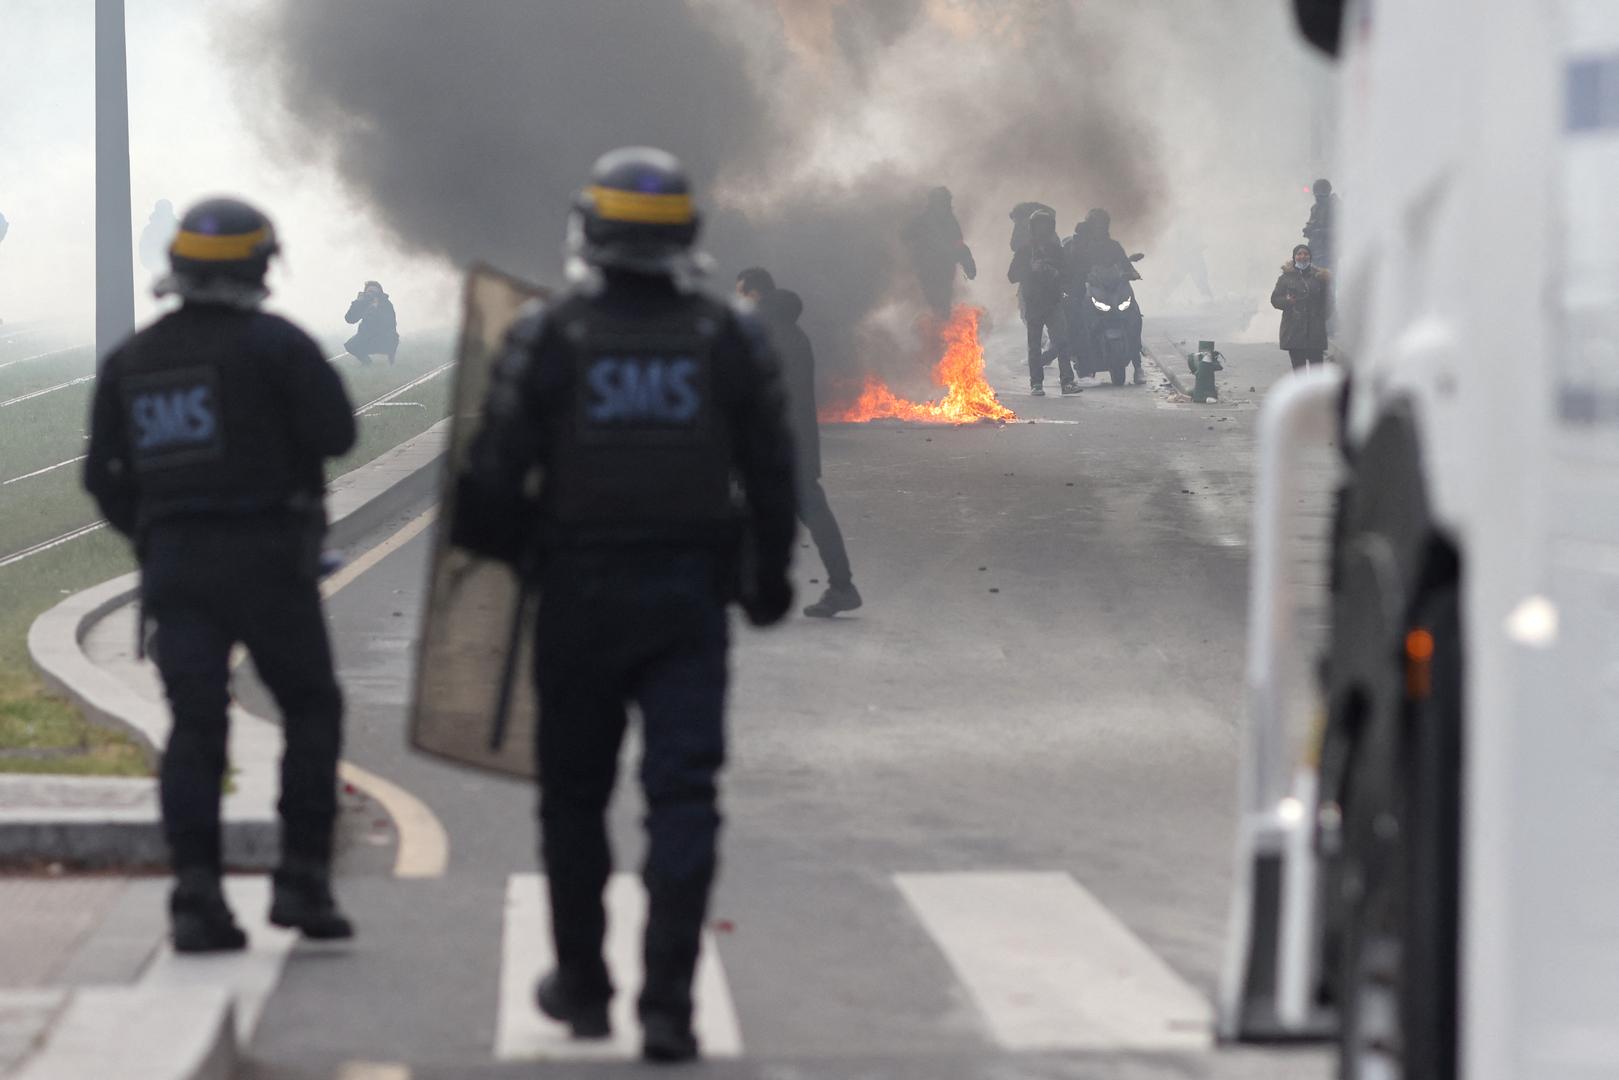 توقيف العشرات أثناء مظاهرة محظورة مؤيدة لفلسطين في باريس